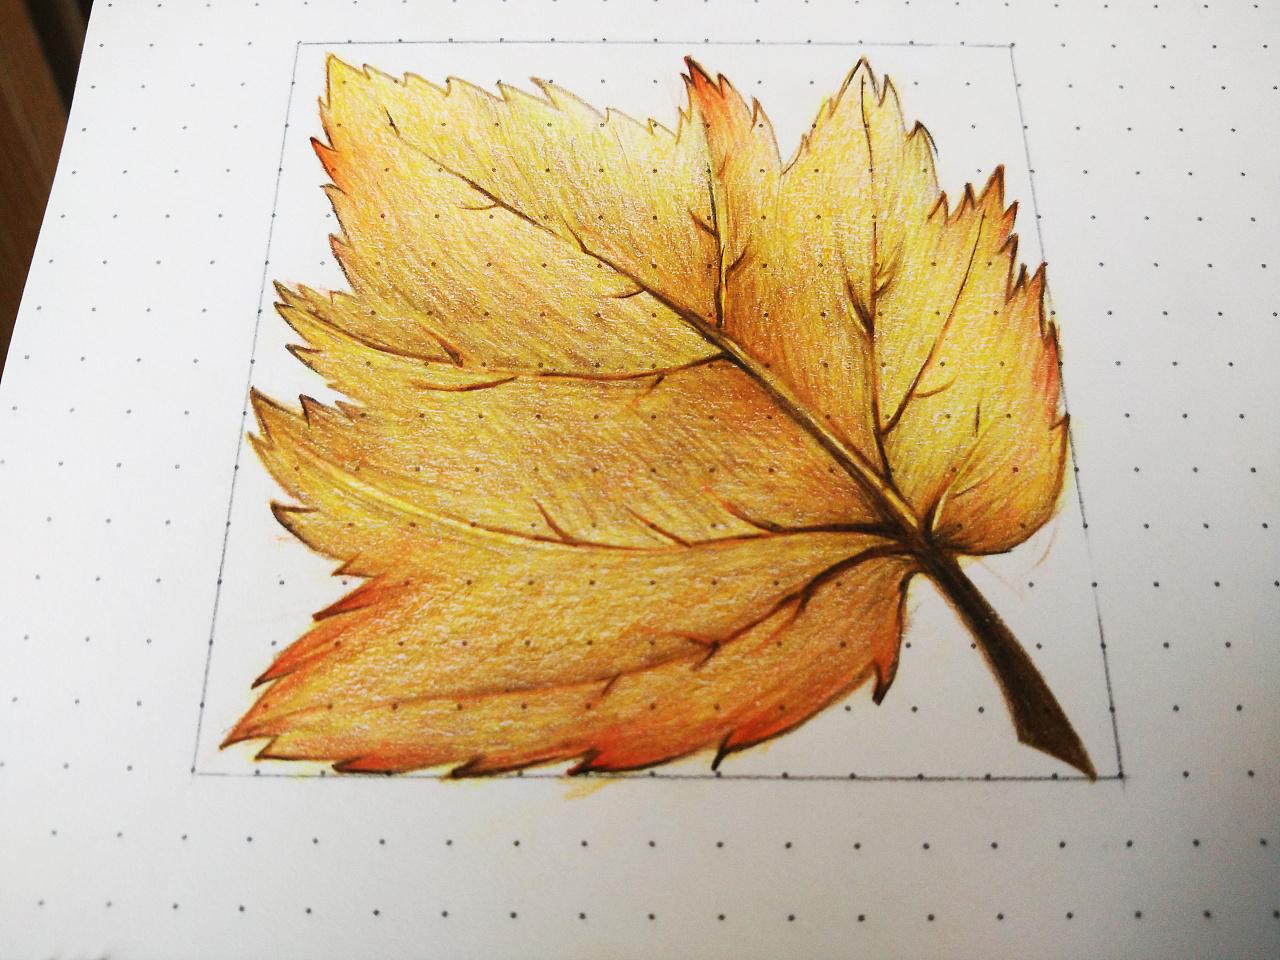 彩铅笔手绘原创练习-01